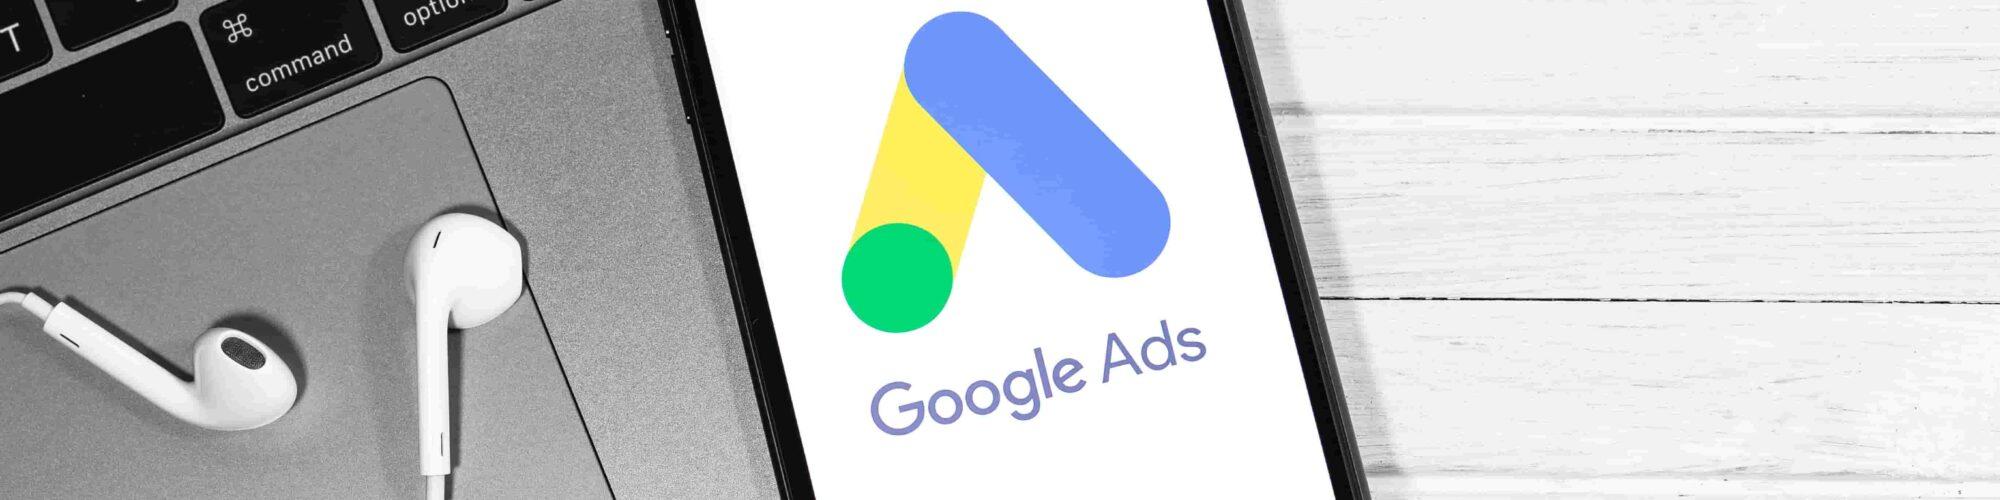 Google Ads (Adwords) - na czym polega i jakie daje korzyści?